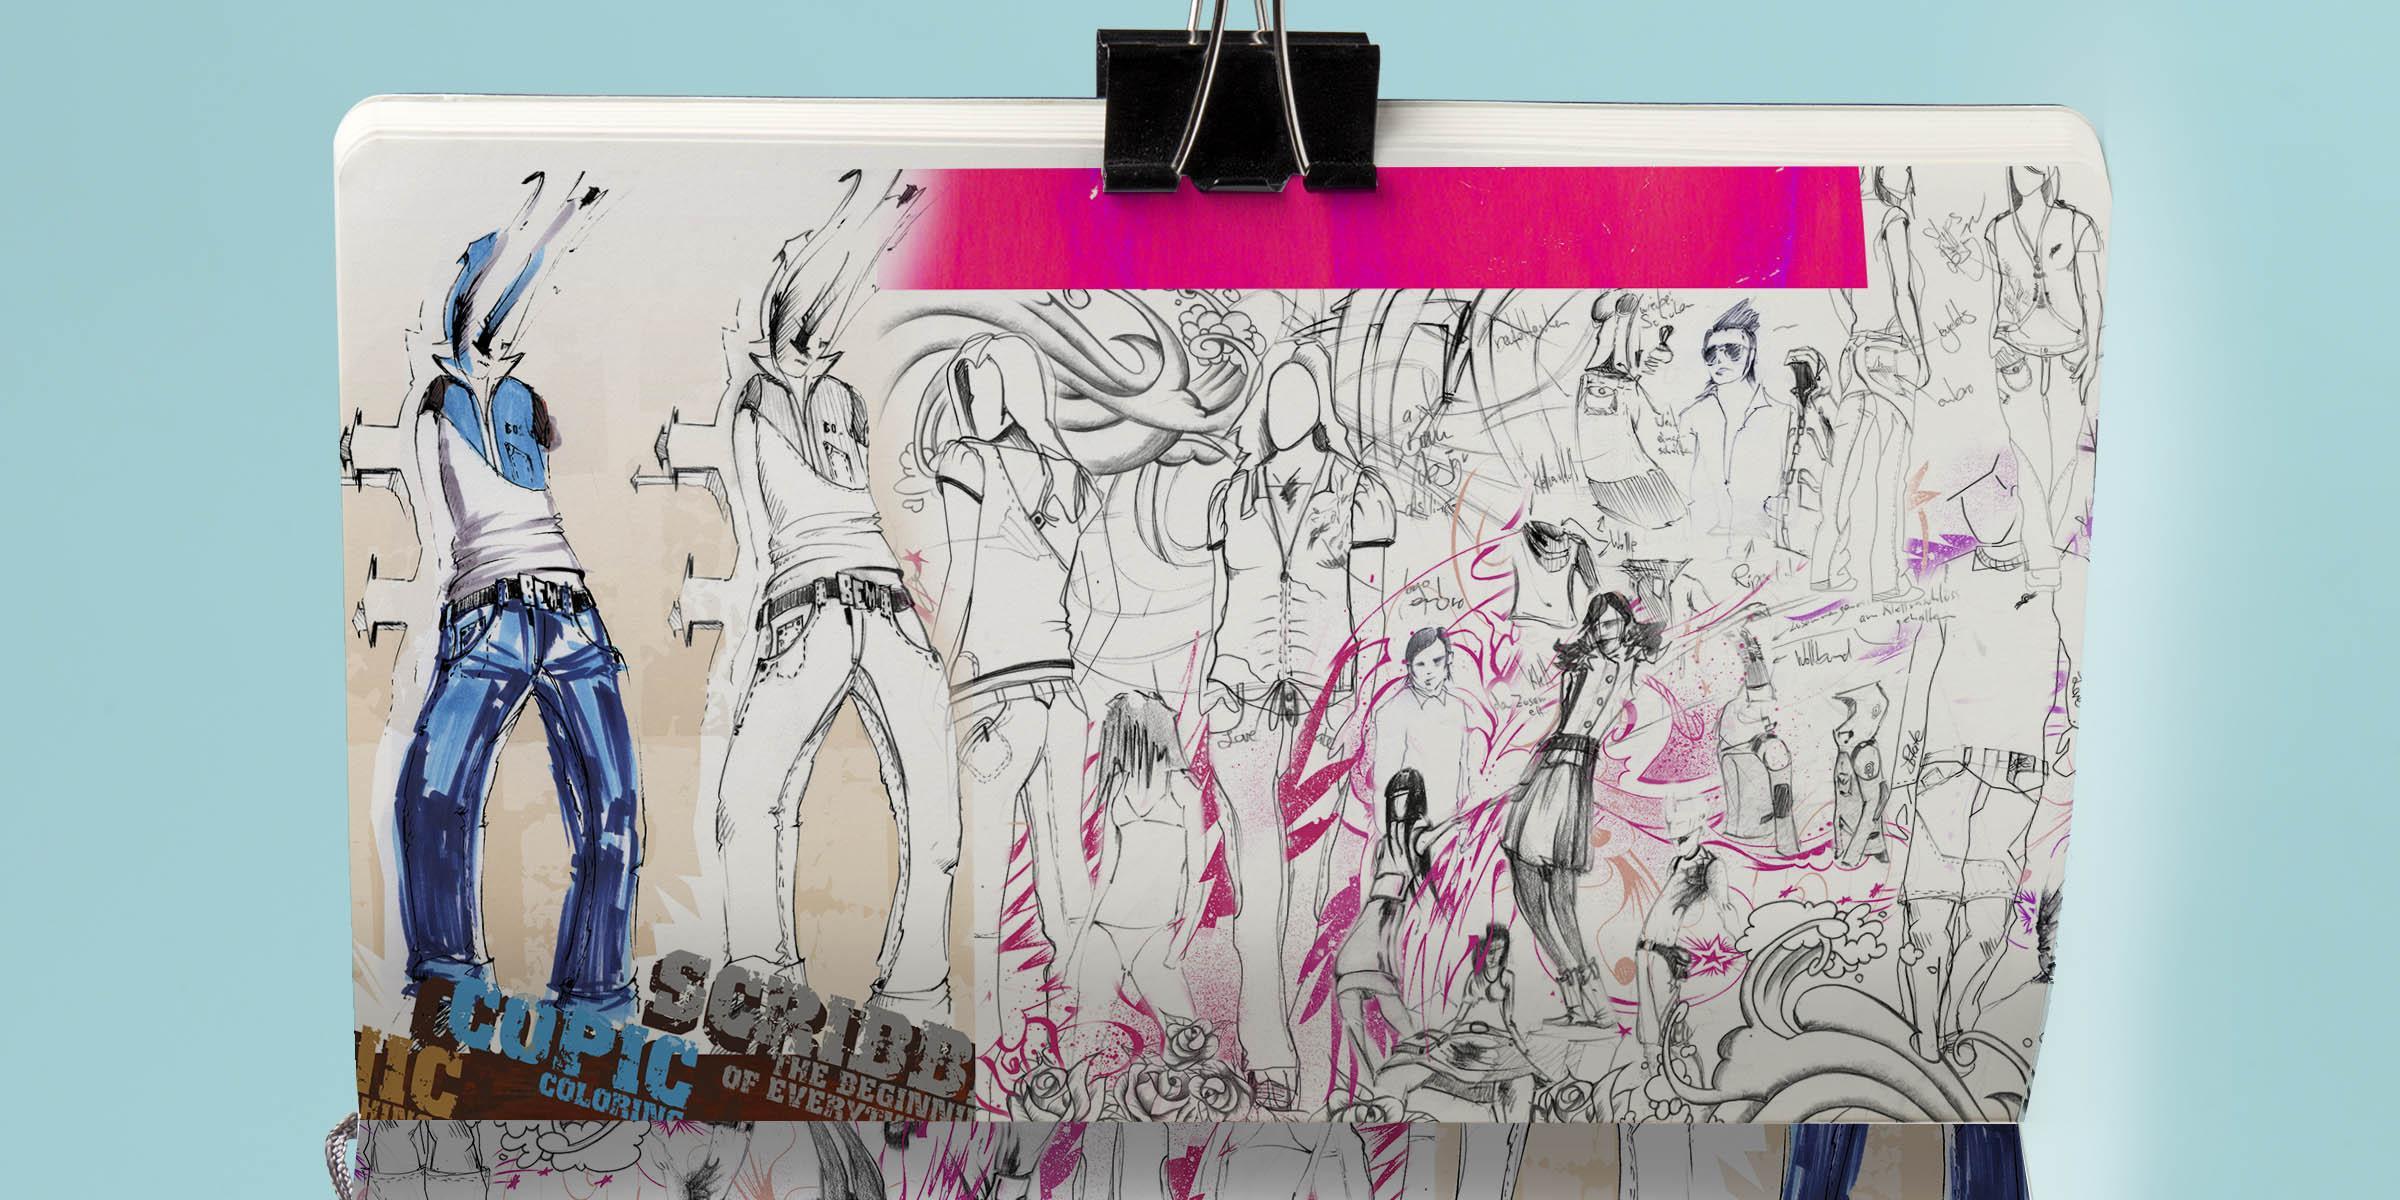 1gregor fenger art street acryl jakarta fair scribble graffiti